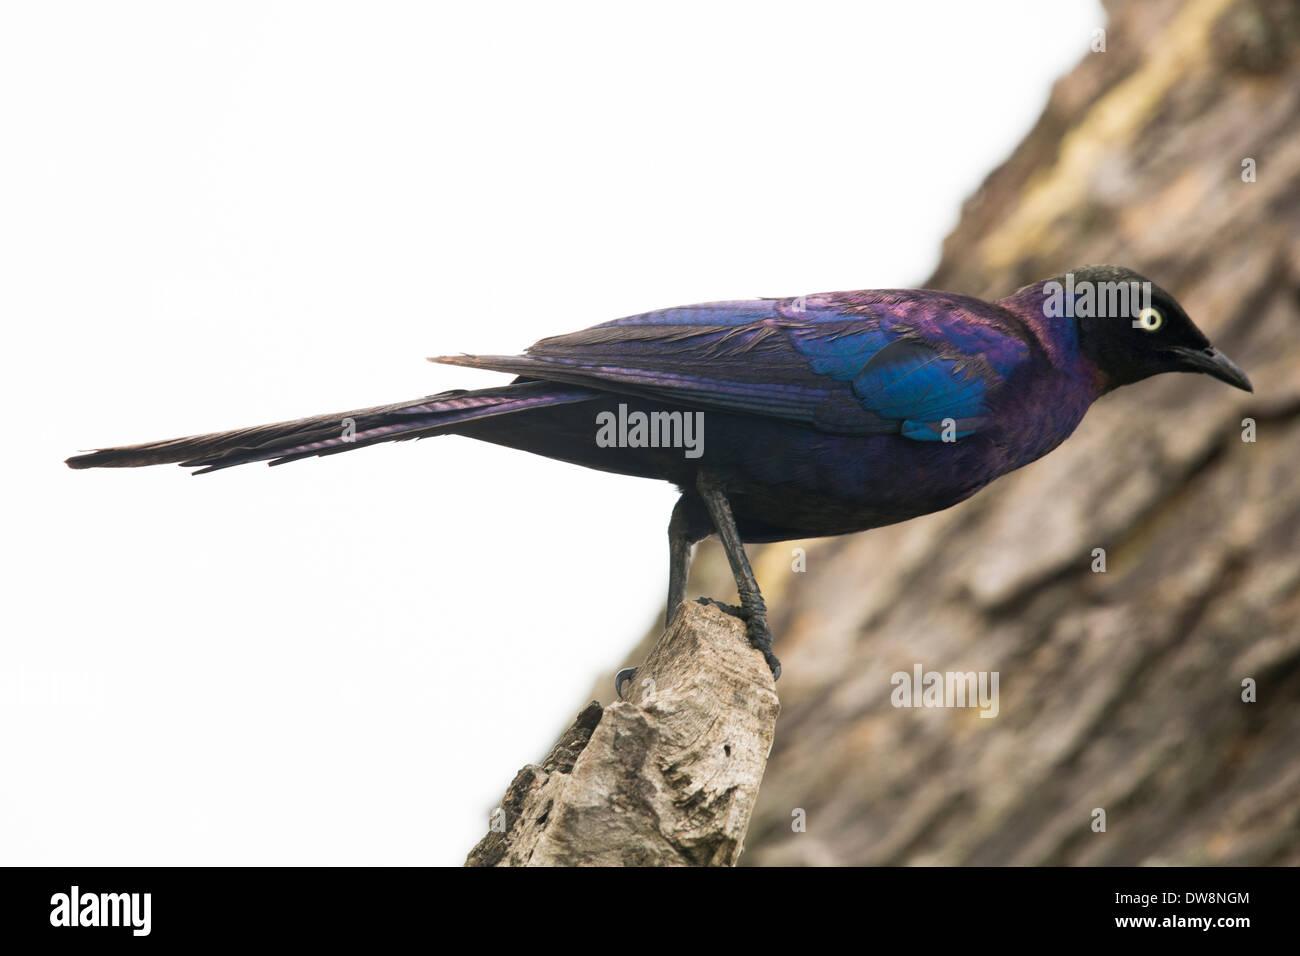 Ein afrikanischer Vogel auf einem Baum in einem Nationalpark in Afrika. Stockbild